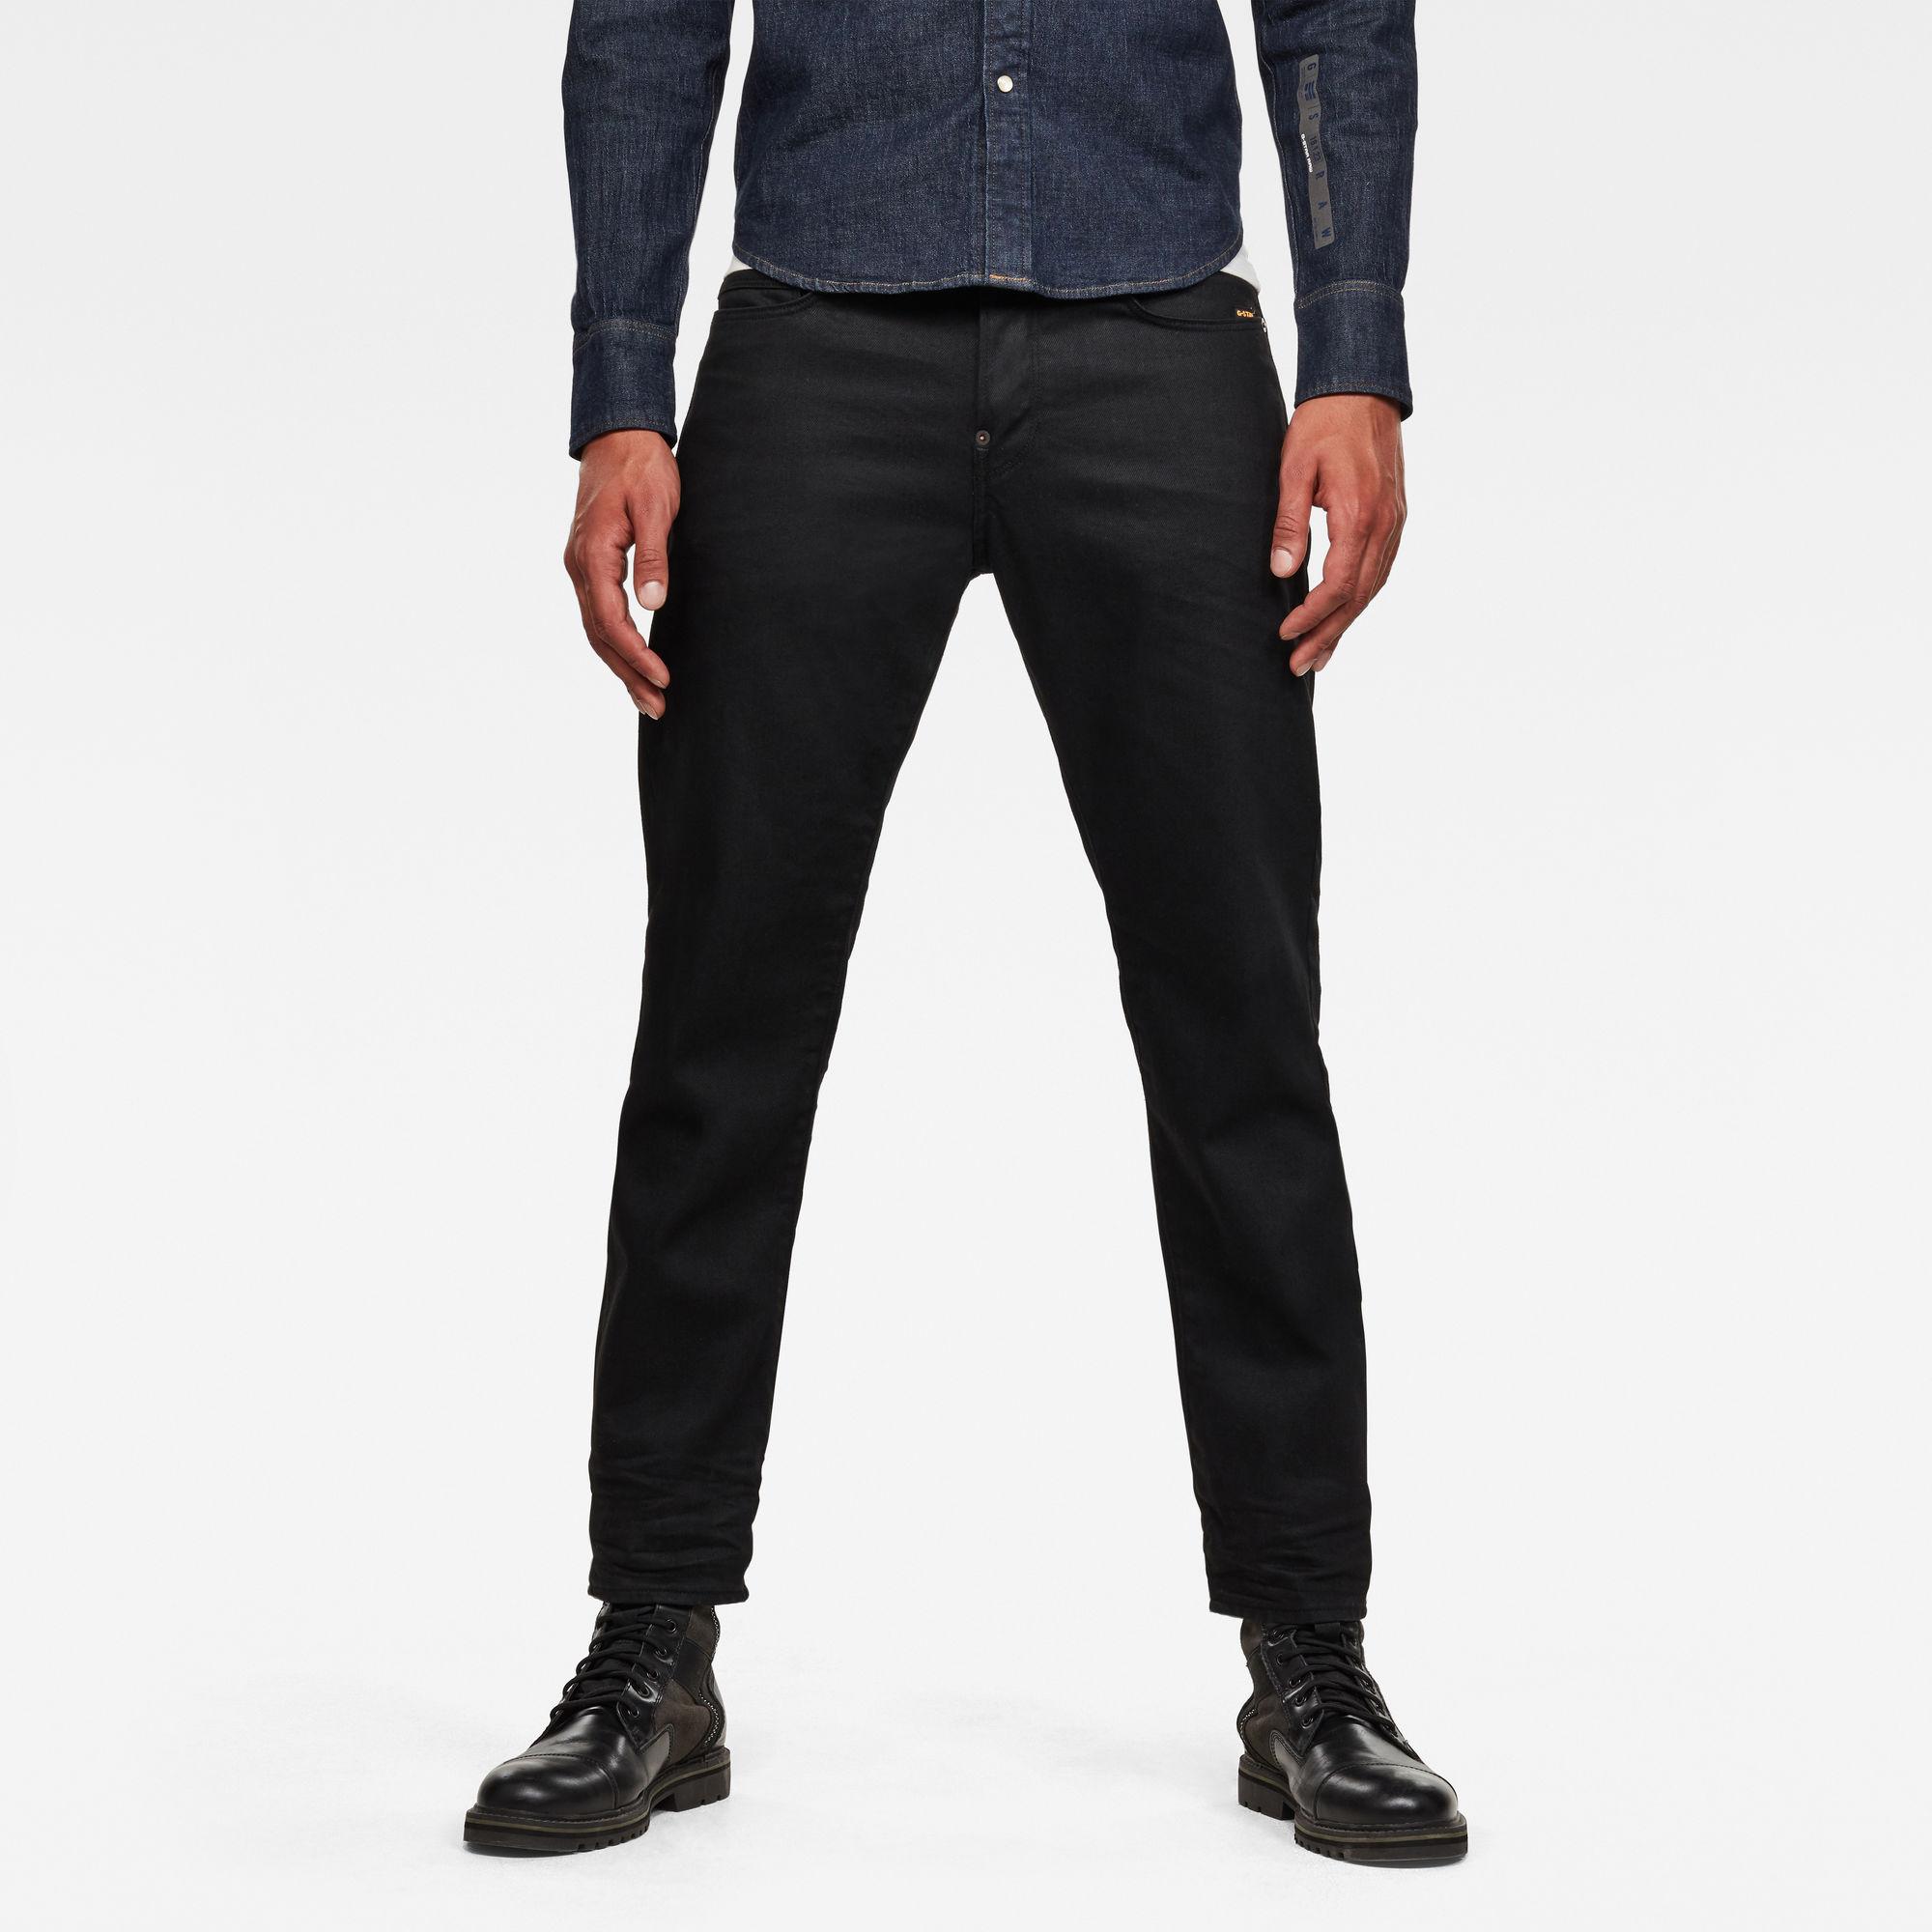 G-Star RAW Heren Alum Relaxed Tapered Originals Jeans Zwart